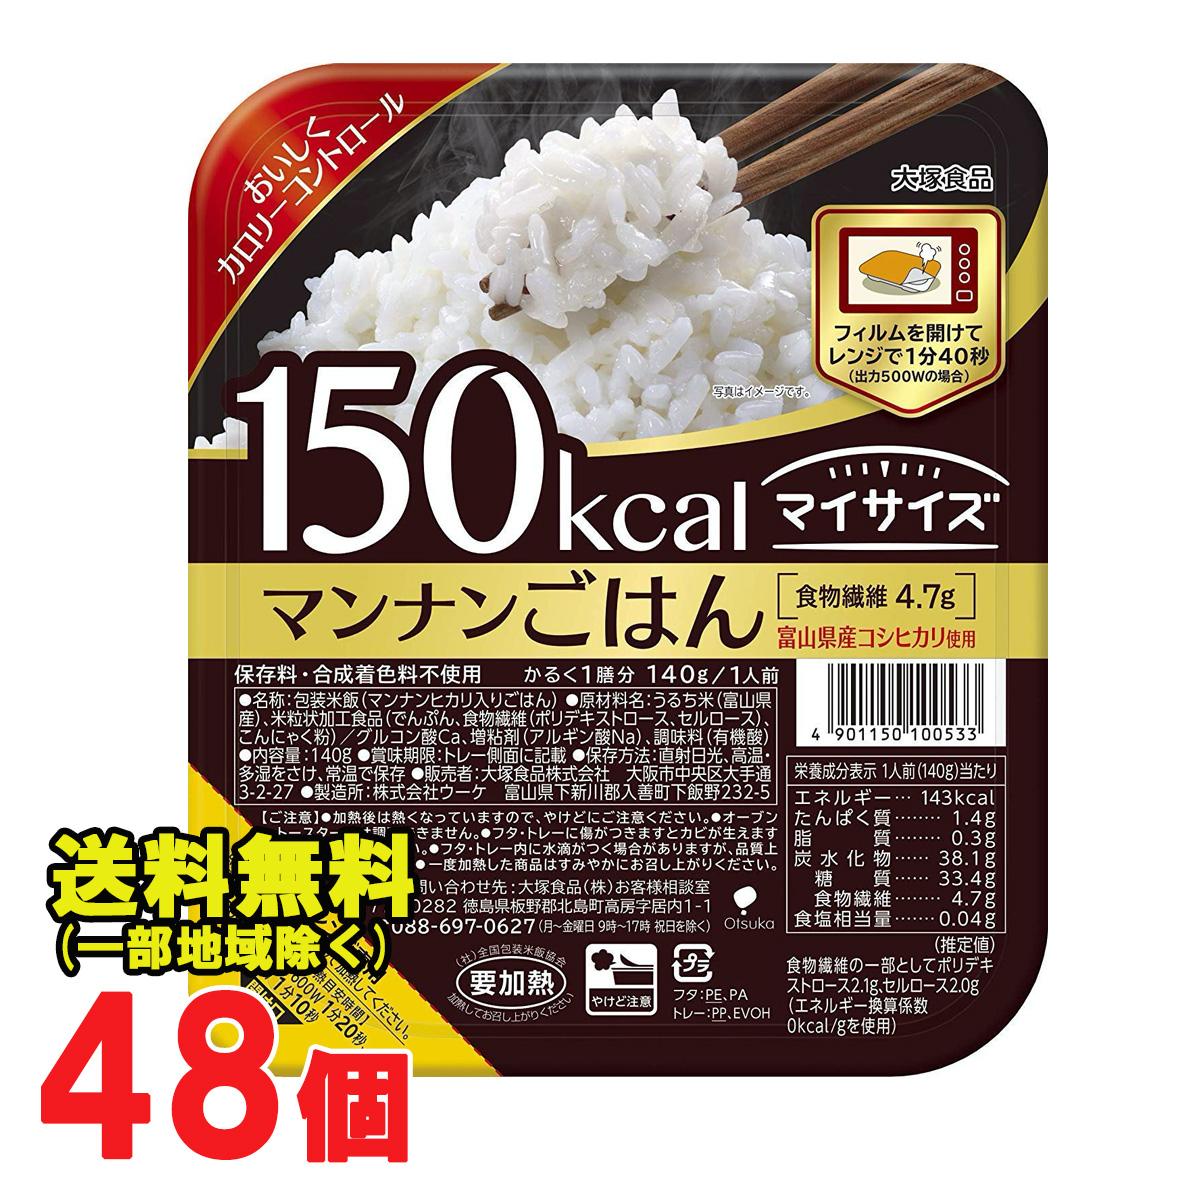 送料無料 マイサイズ マンナンごはん 48食セット(6食×8)48個 レトルト 大塚食品 ダイエット カロリー制限